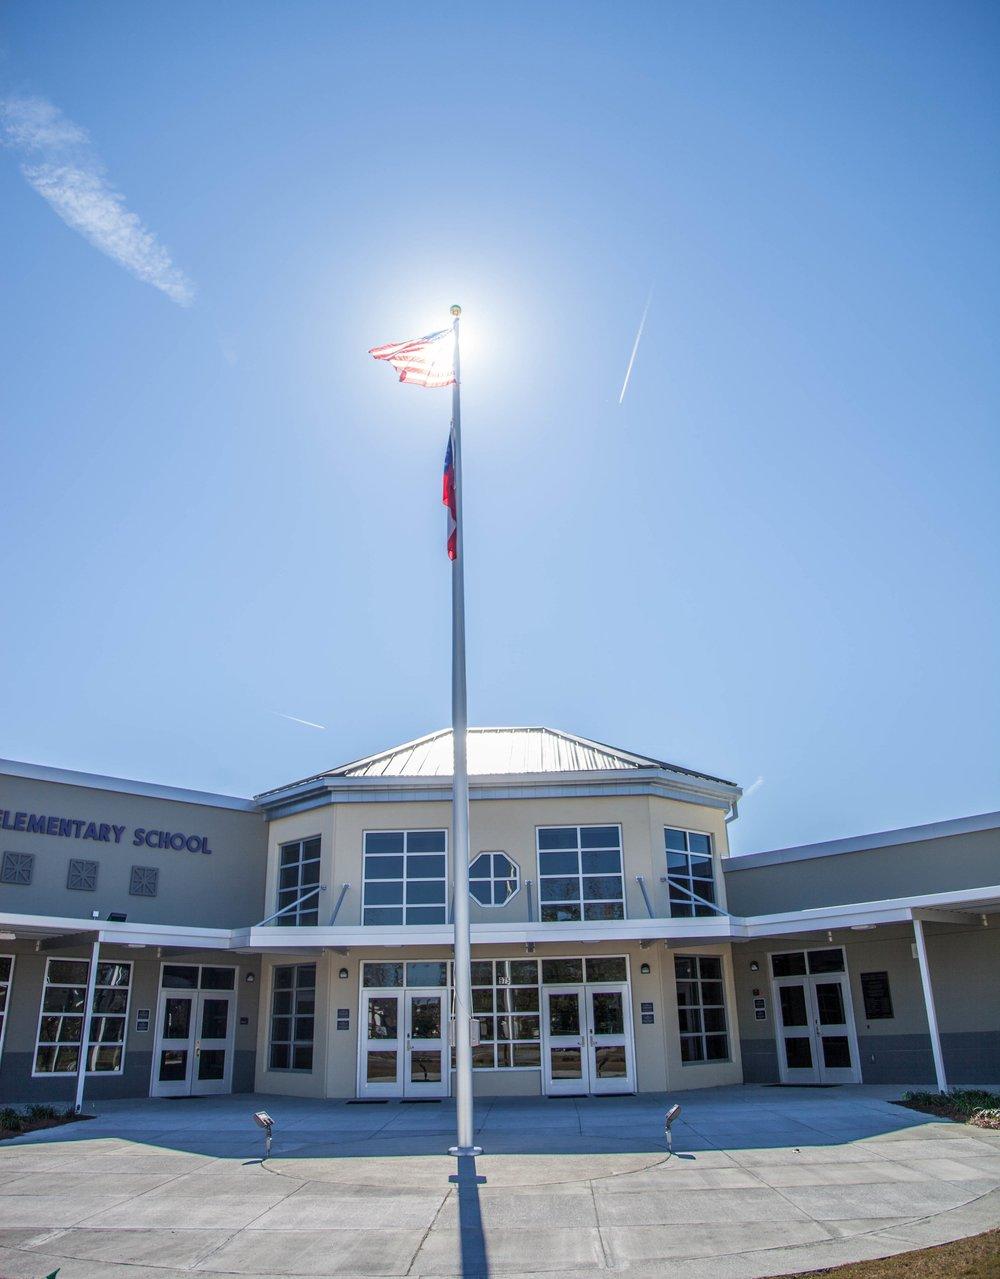 Hodge Elementary